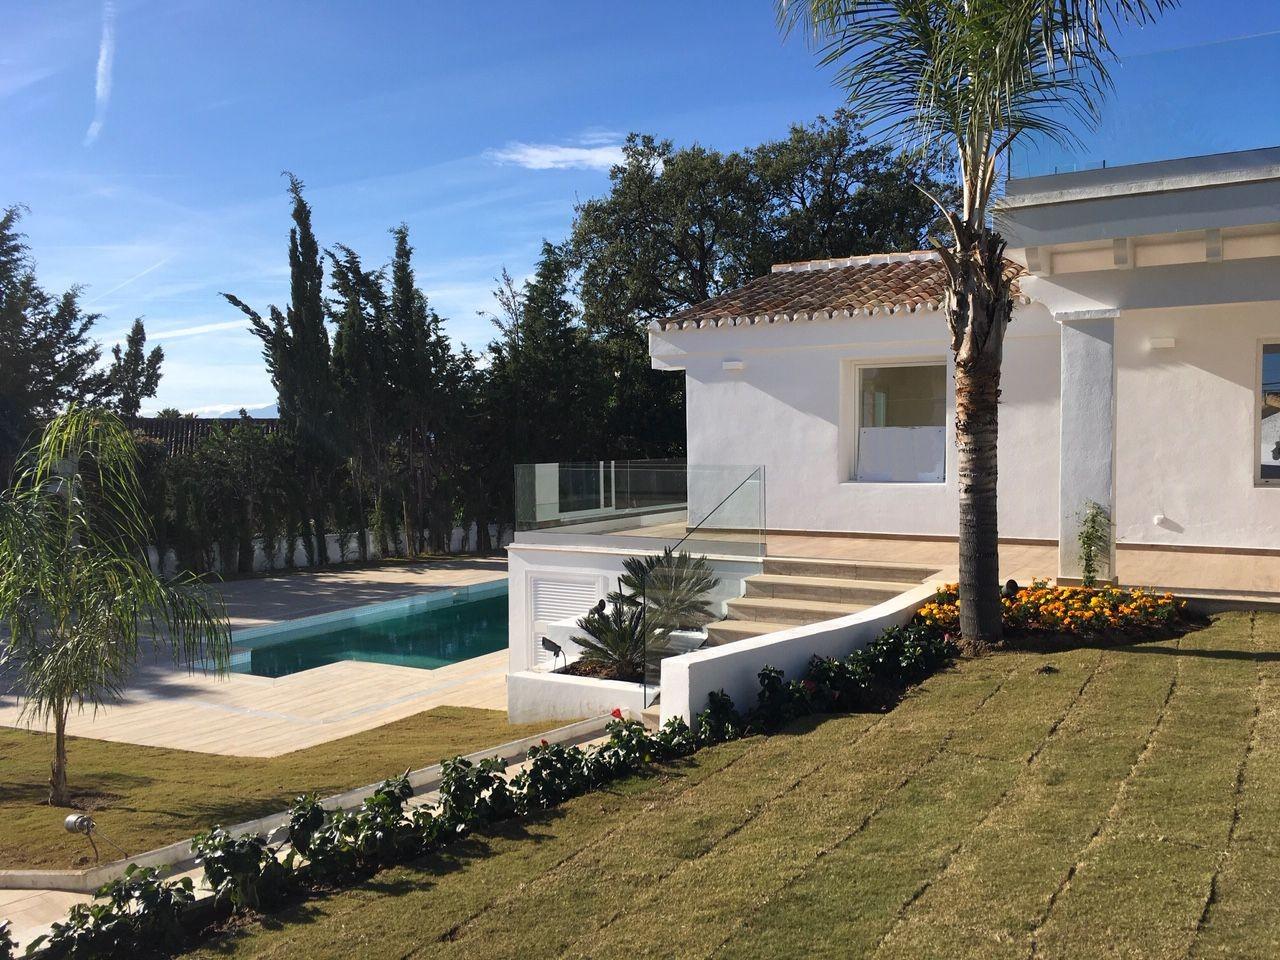 Villa i Marbella East - Gensalg in Lexington Realty